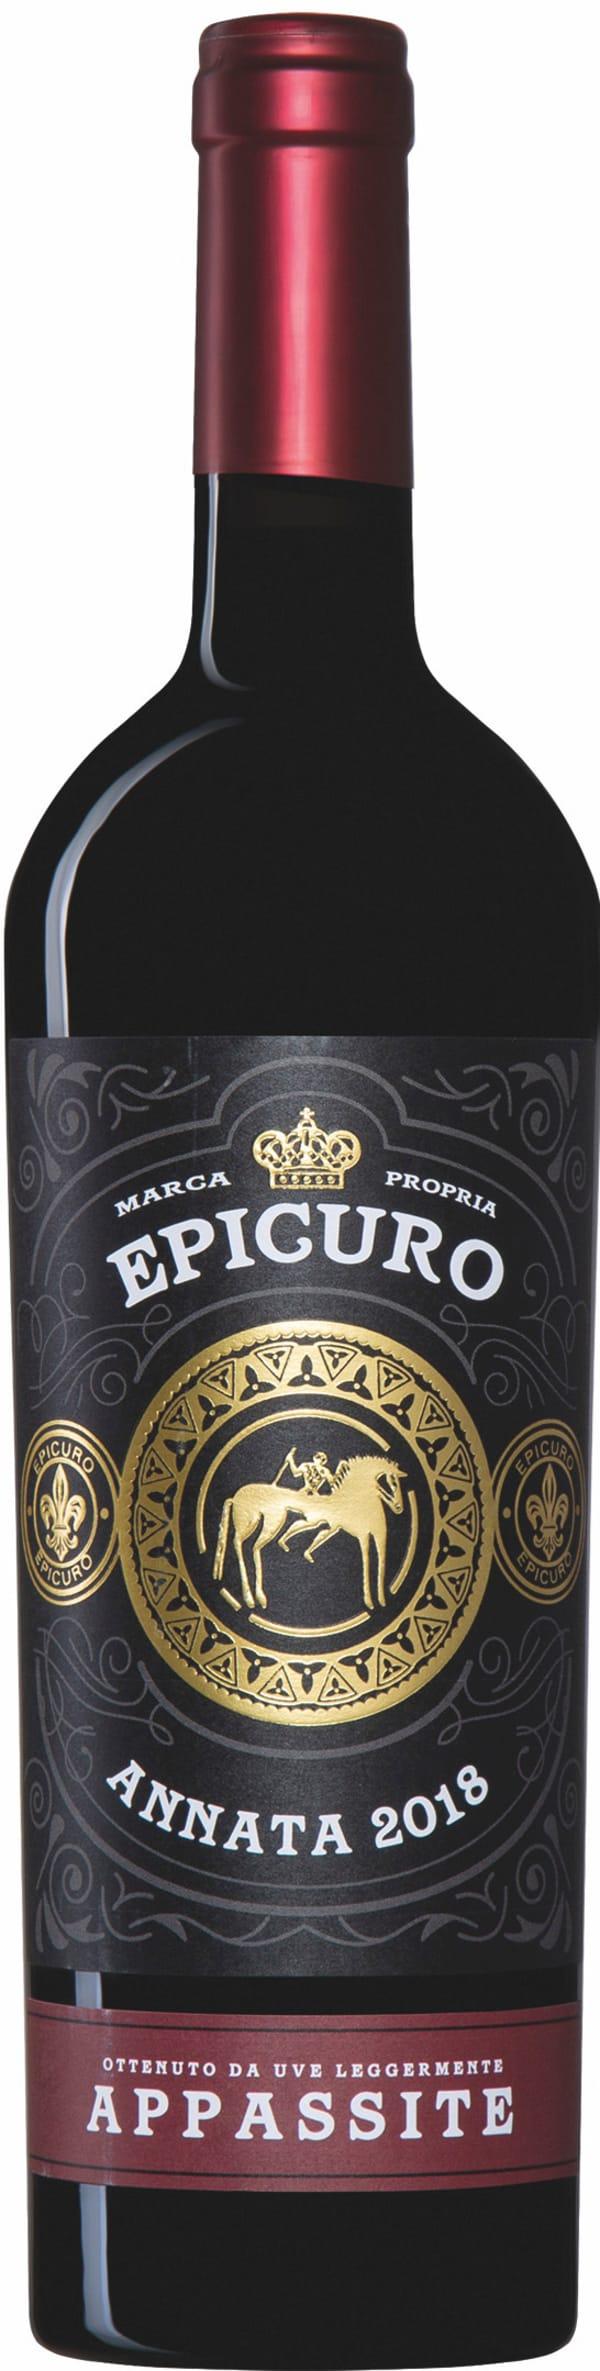 Epicuro Appassite 2018